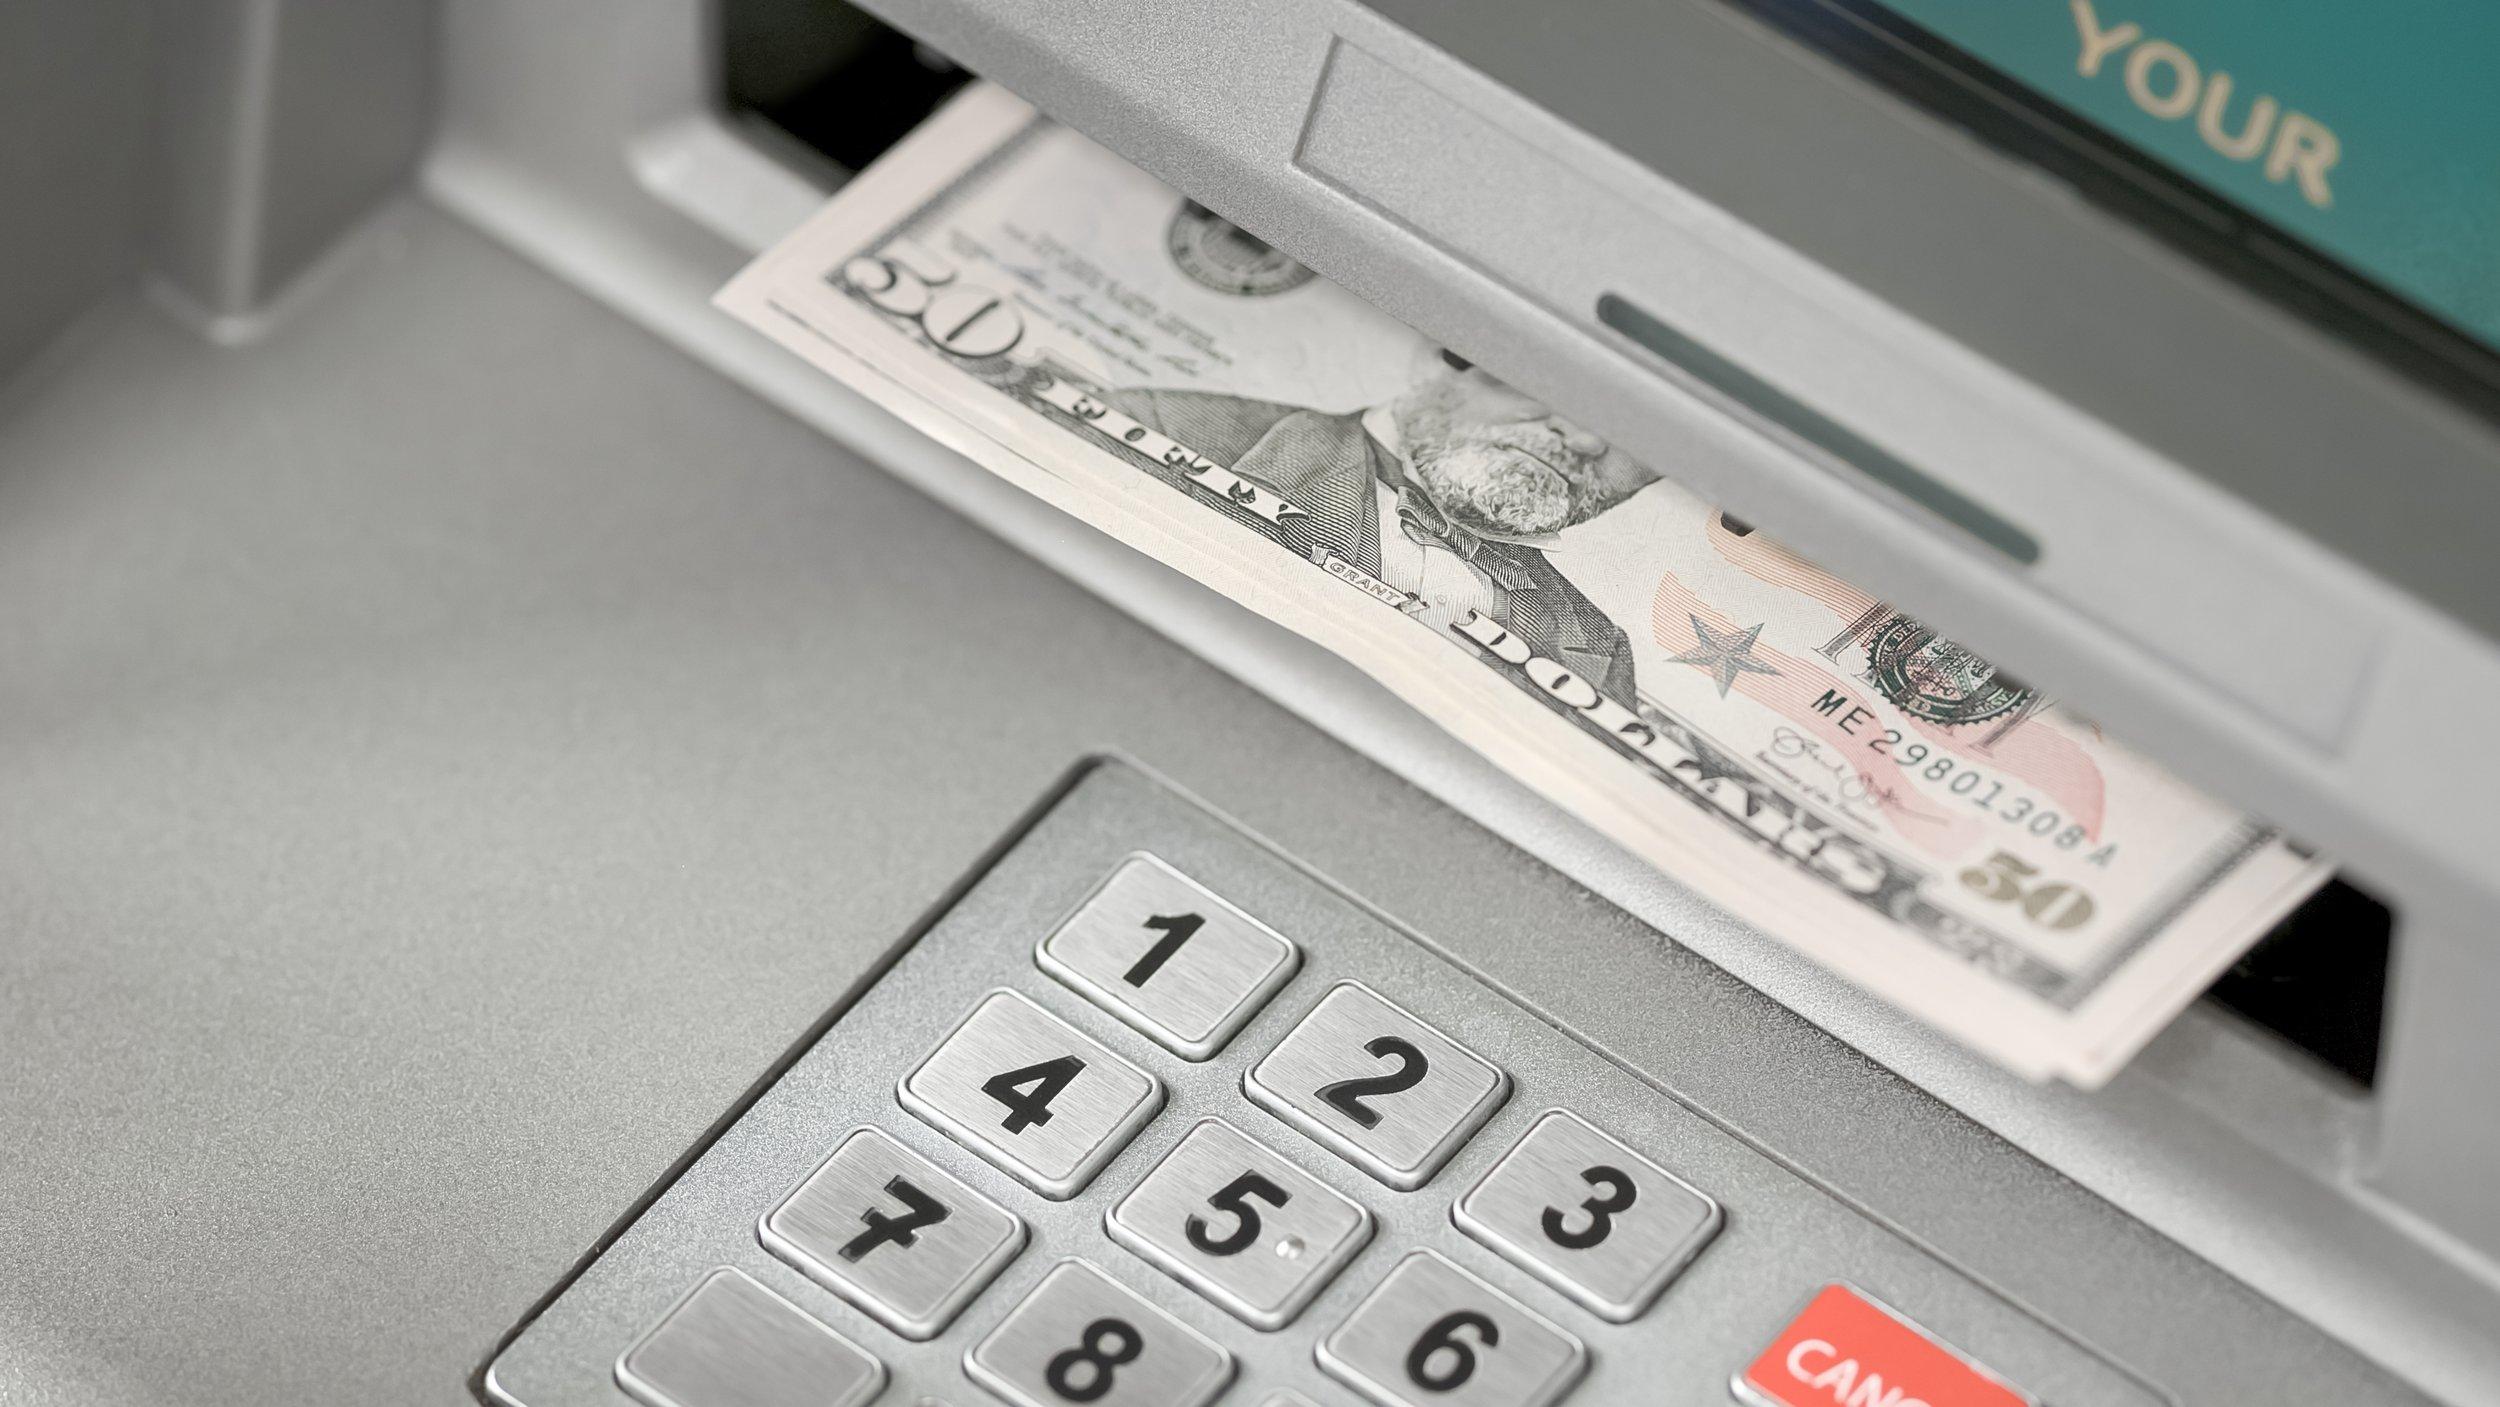 Zagrebačka Banka ATM | Zagreb Buzin | Supernova